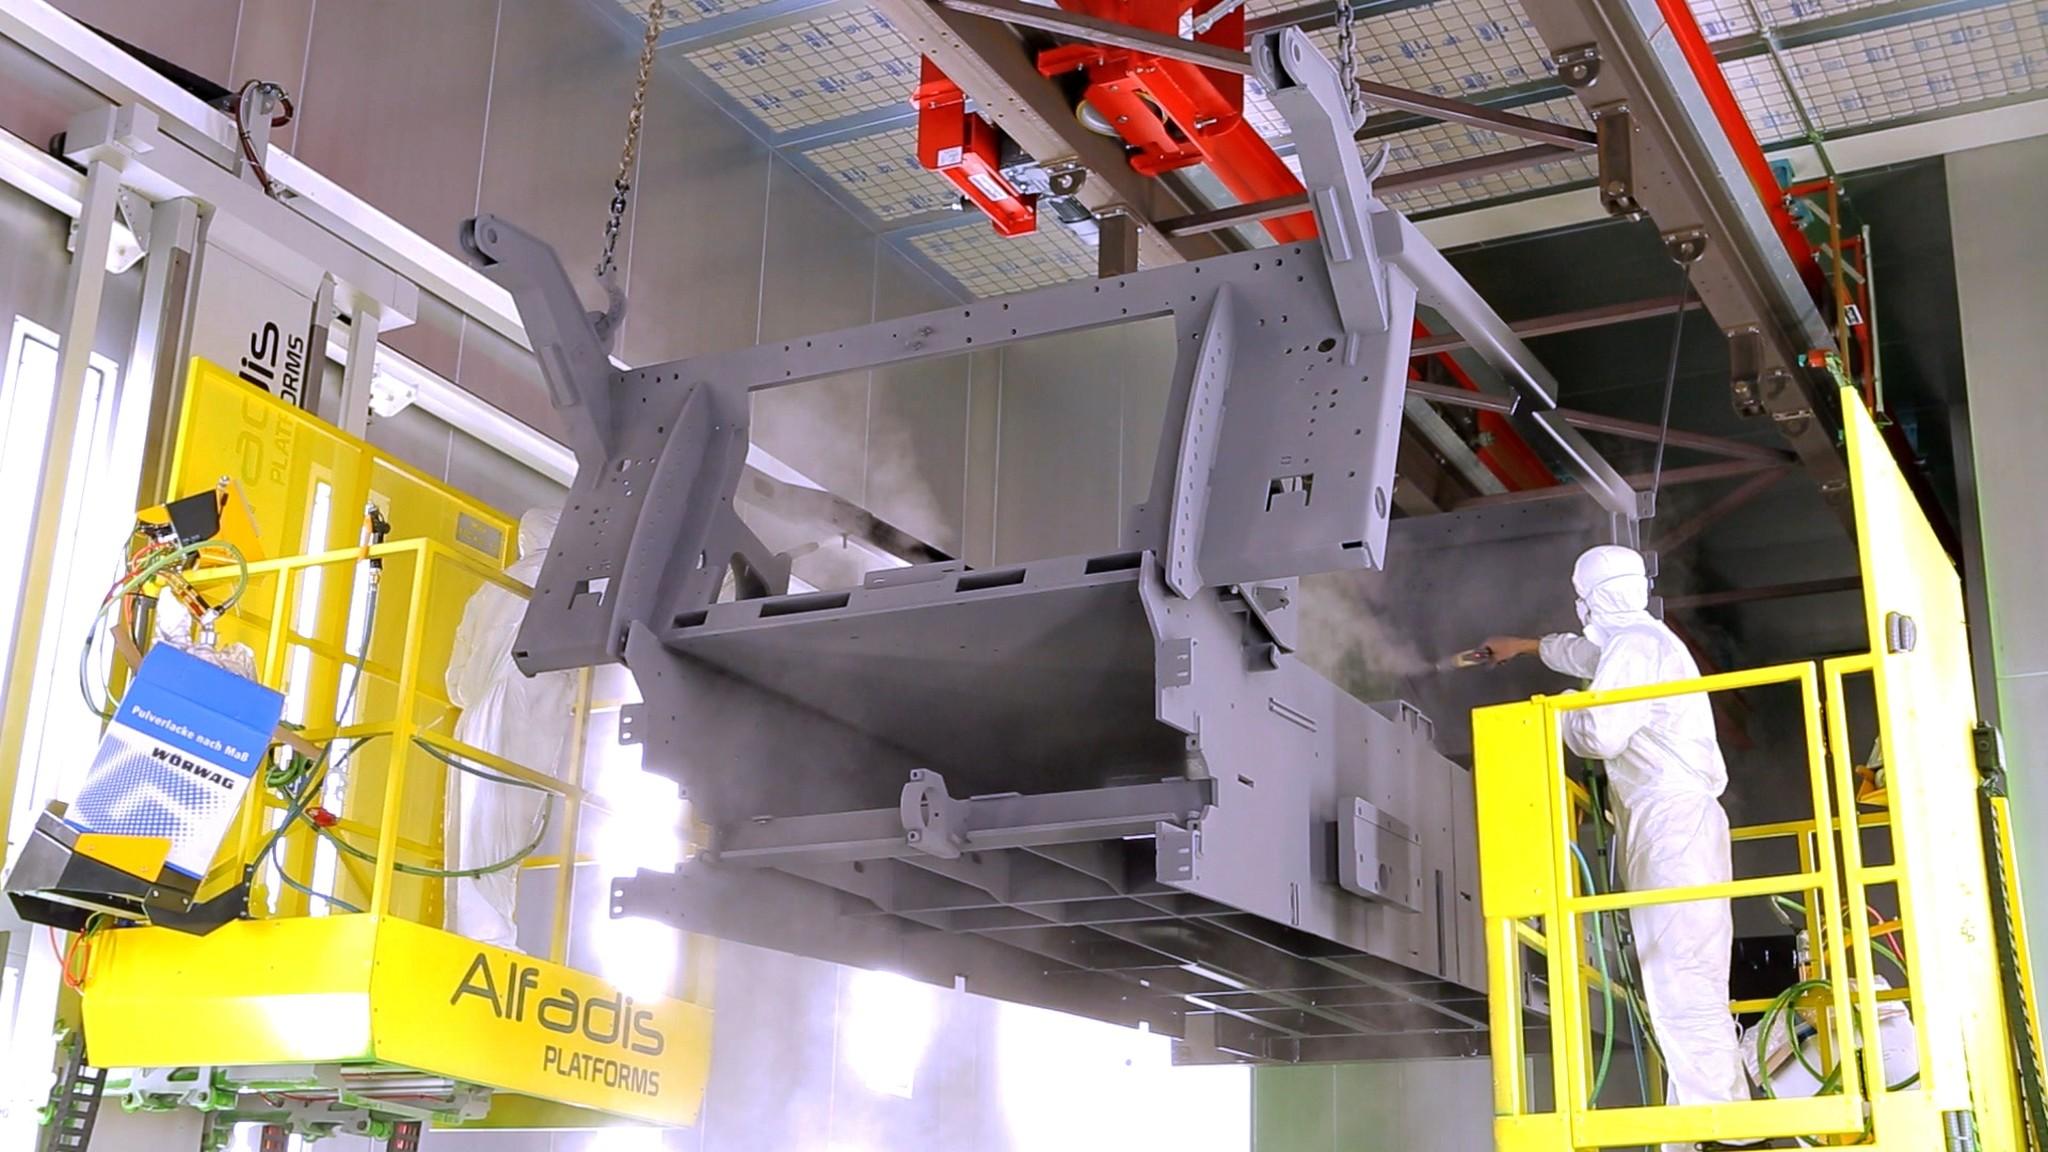 Součástí výrobního závodu je ivlastní lakovna vybavená moderními technologiemi.